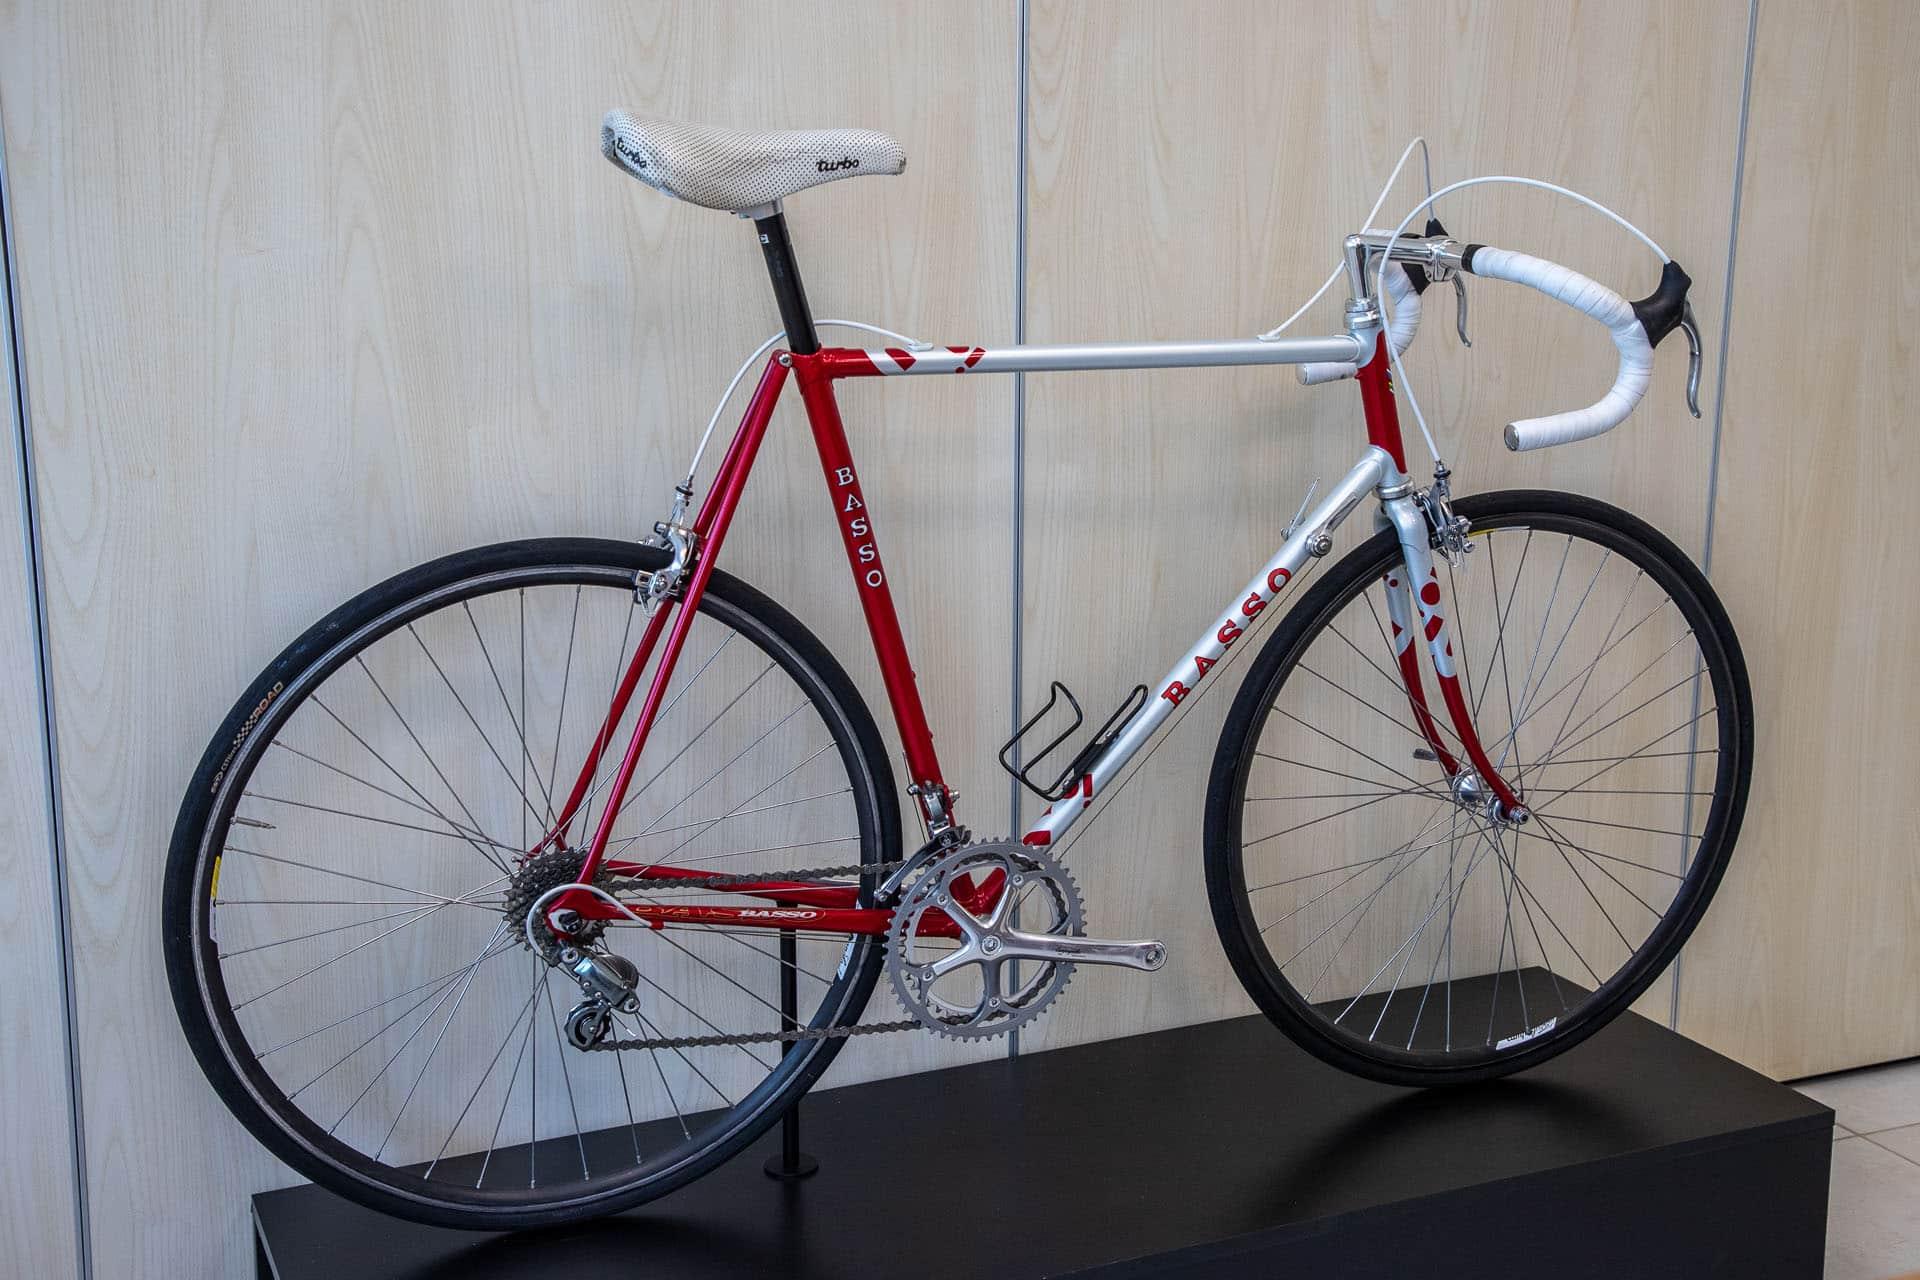 Alcide Basso y tient. La marque Basso produit toujours quelques centaines de vélos acier assemblés dans ses ateliers suivant les règles de l'art. Et c'est le boss lui même qui brase les cadres.